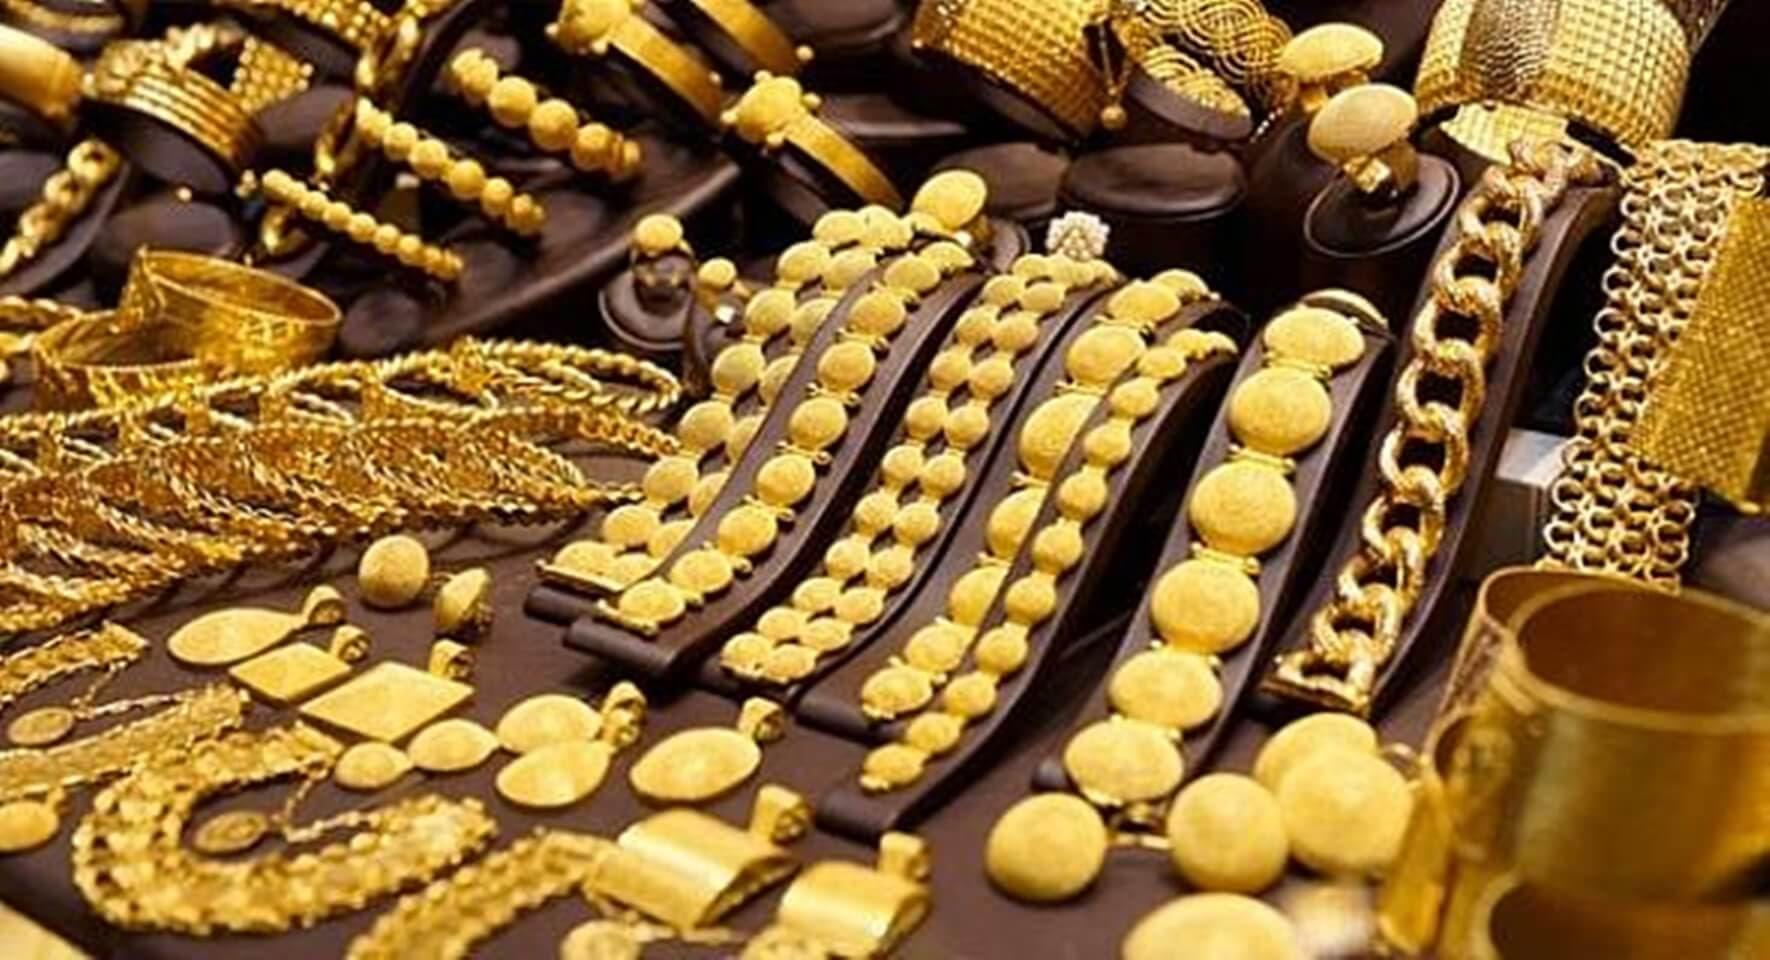 سعر الذهب اليوم الثلاثاء 4/6/2019يستمر في الارتفاع لليوم الثاني على التوالي